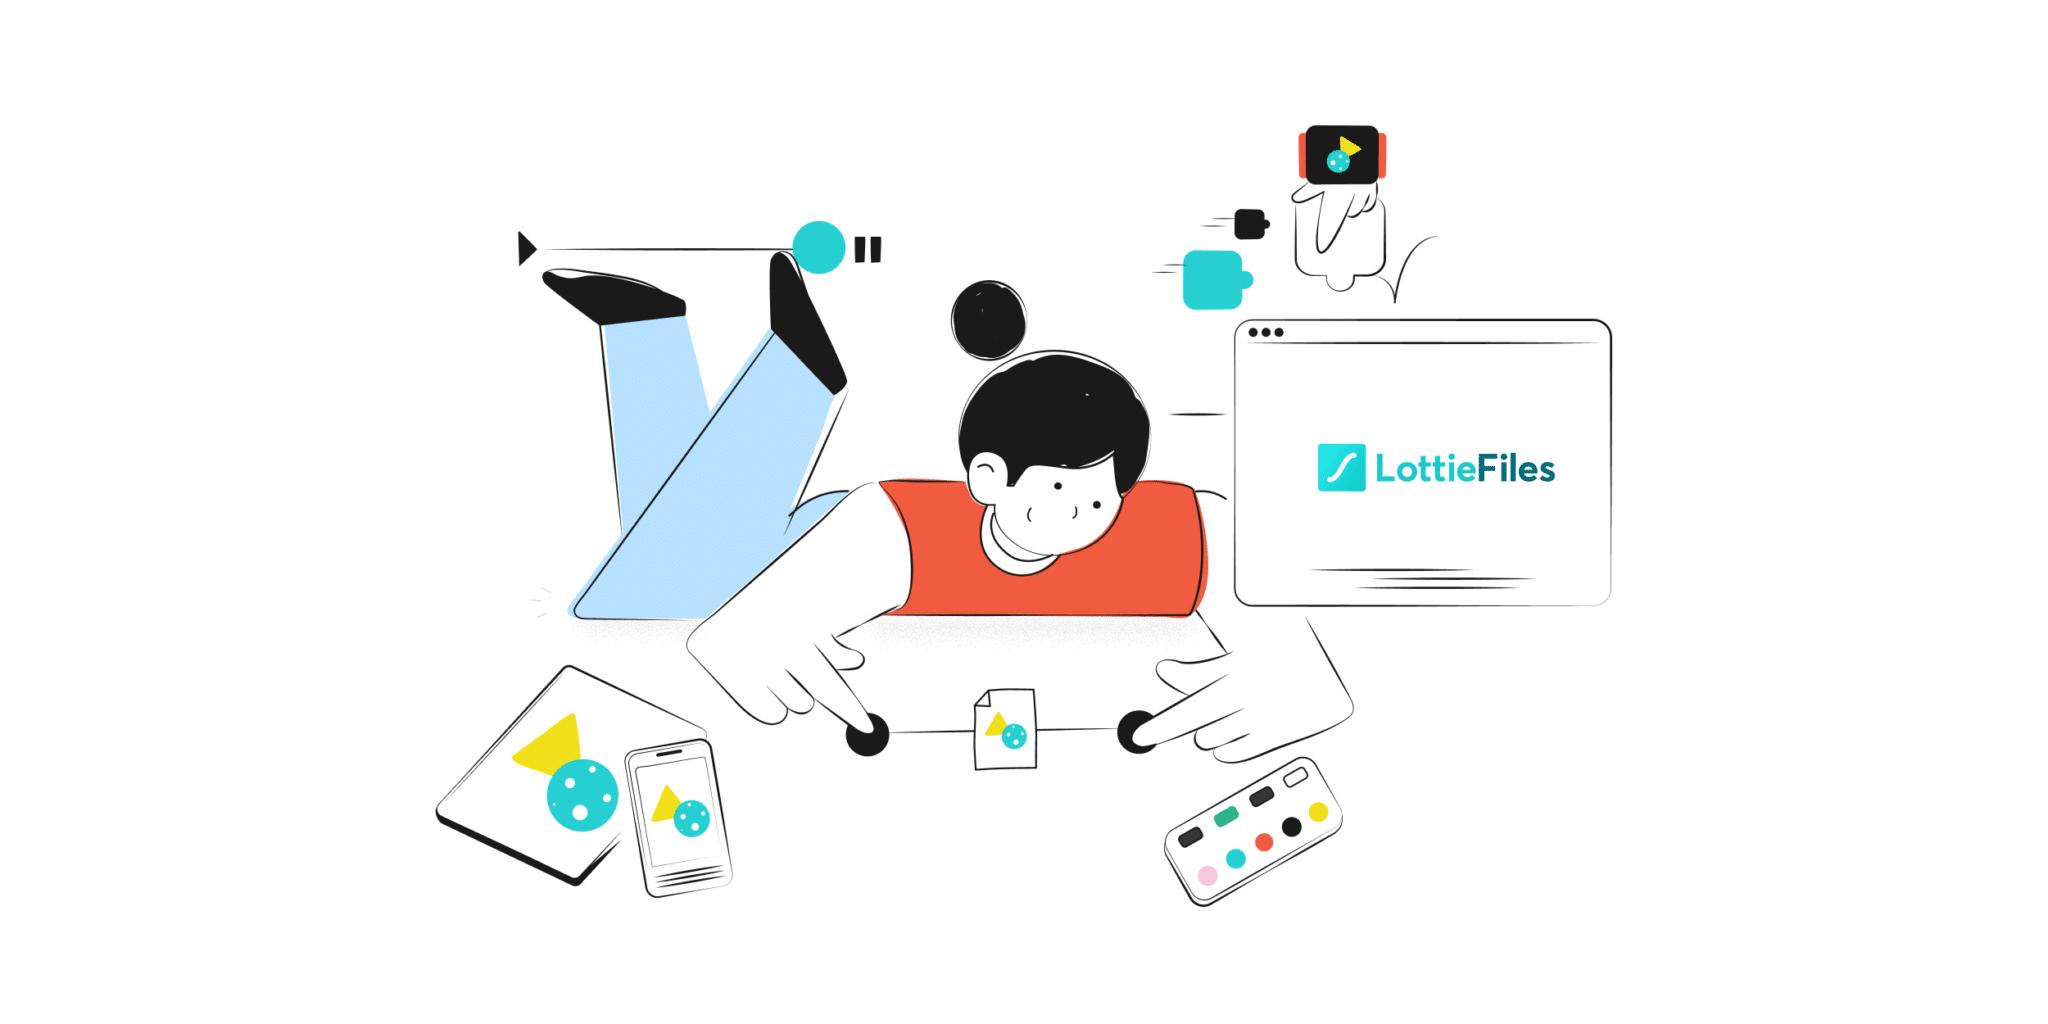 Lottie, le nouveau format qui booste la créativité des web designers